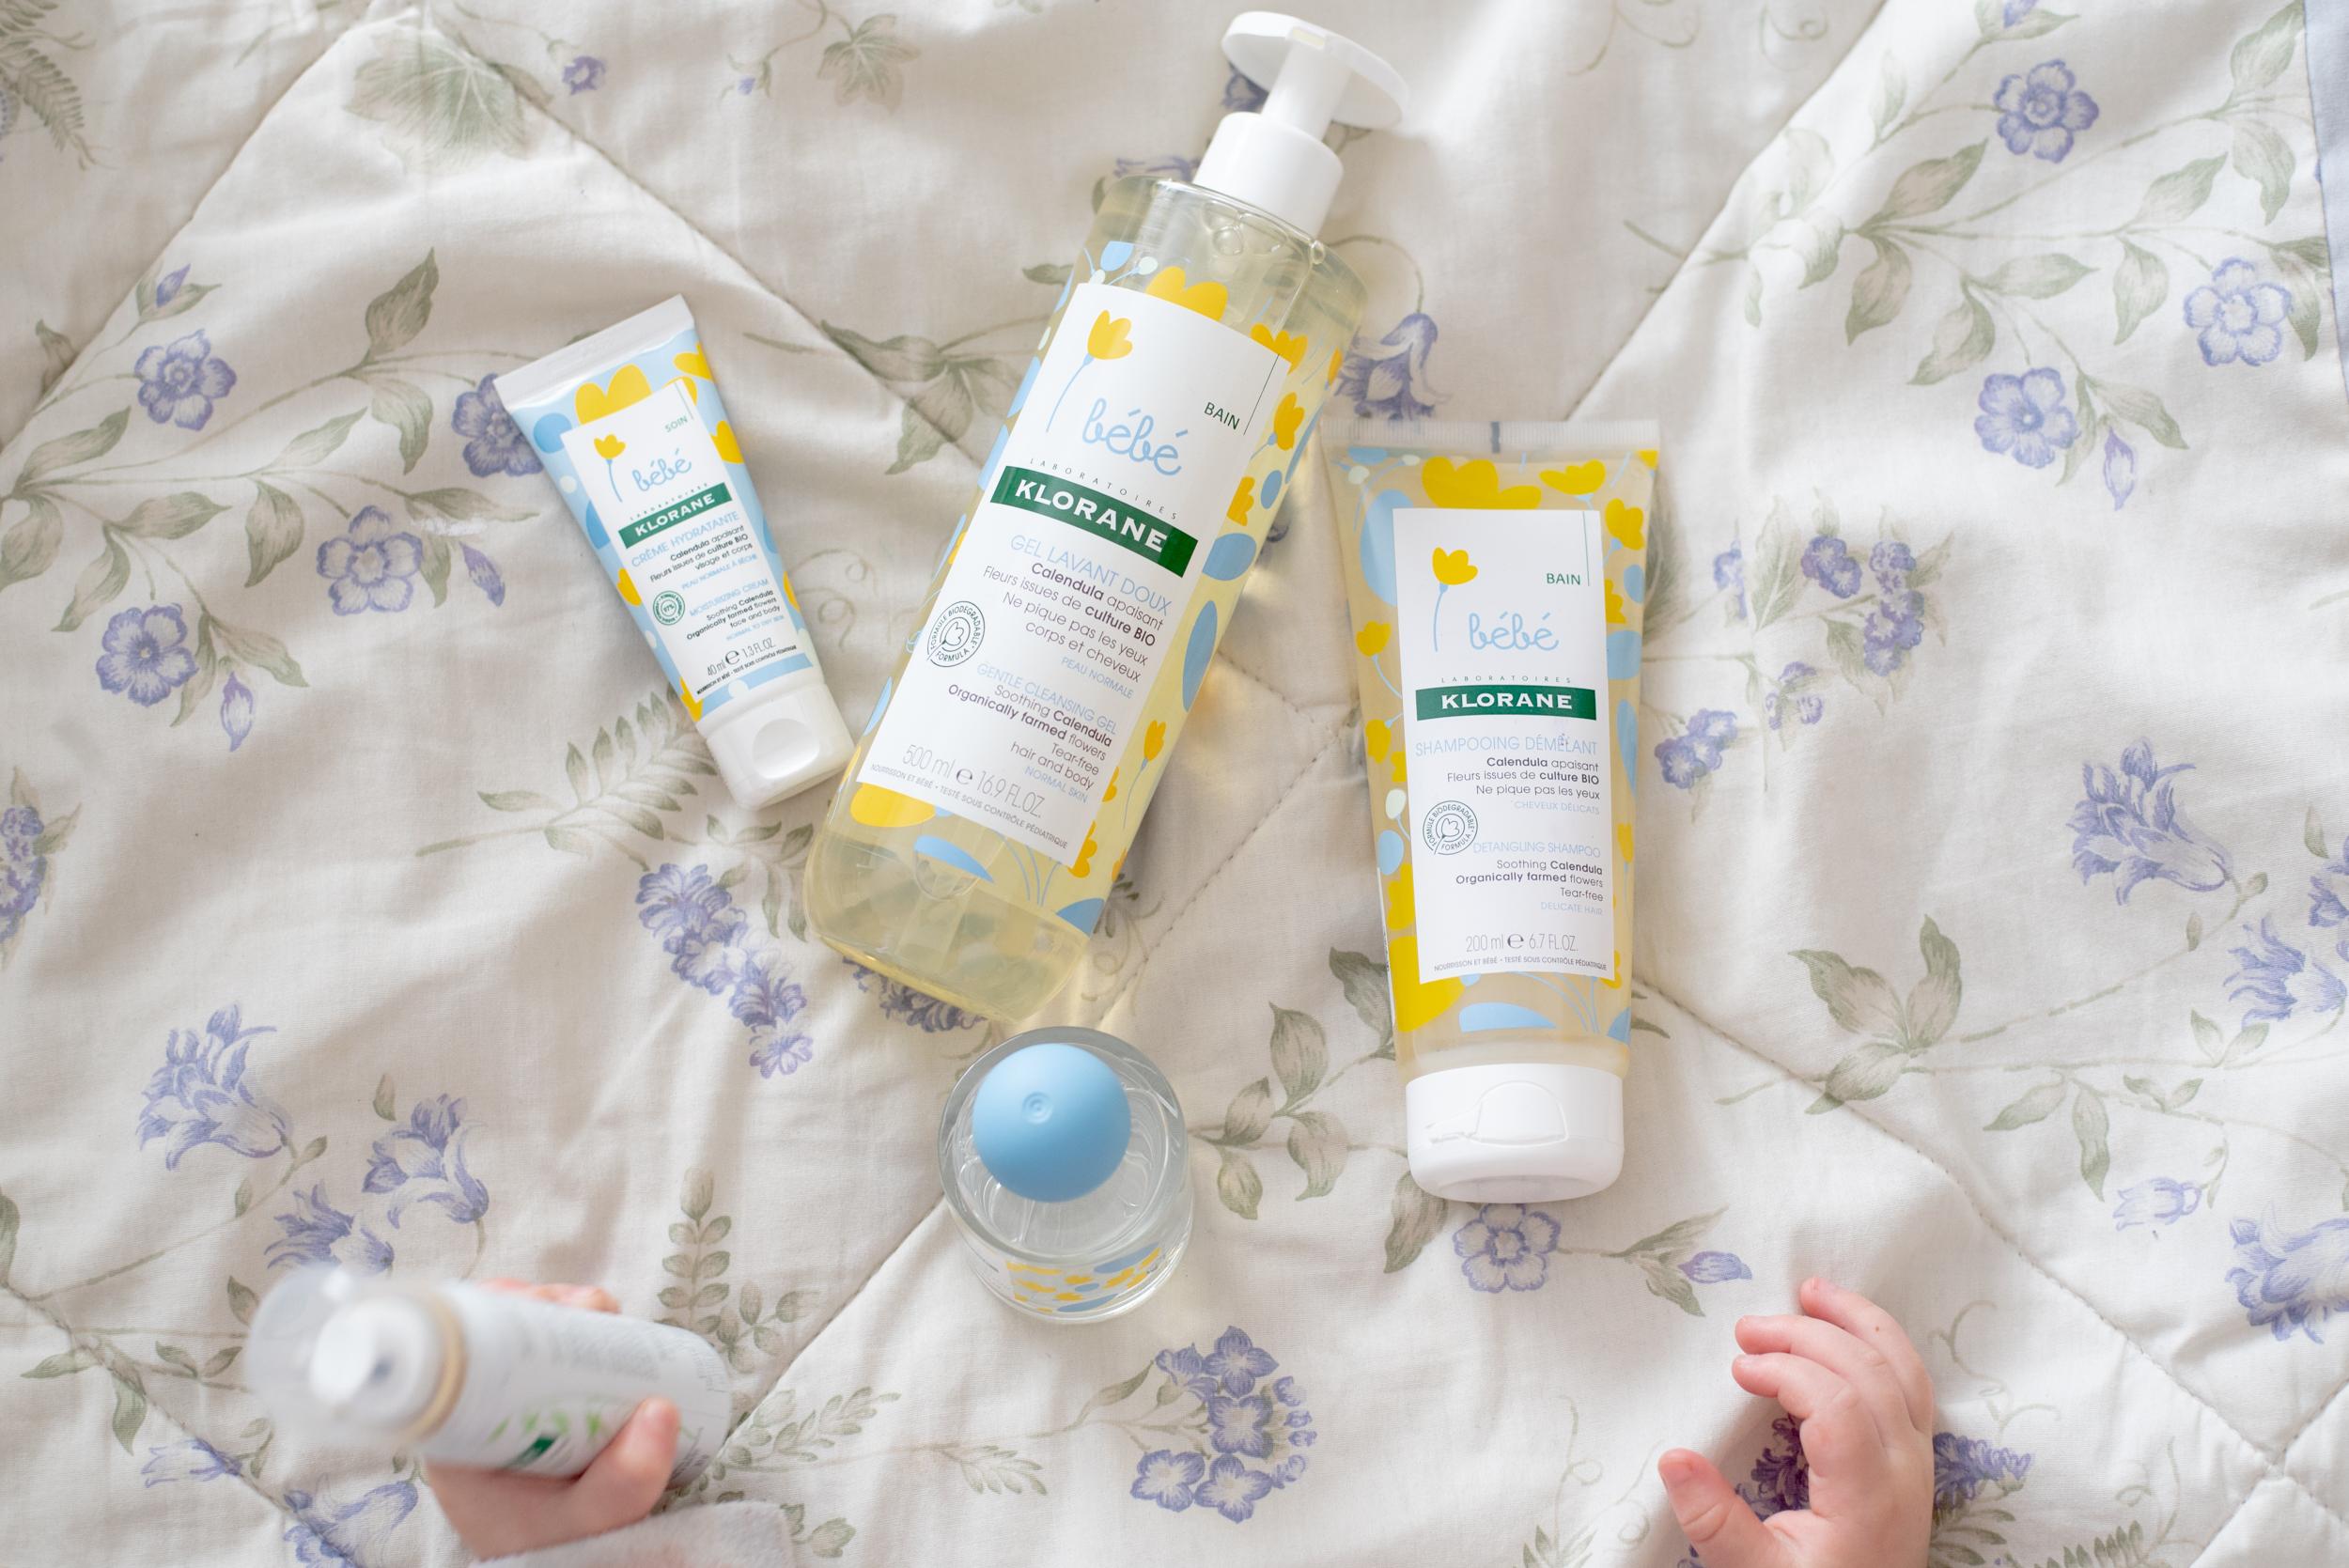 Klorane bébé-produits naturels-soin-heure du bain-produits doux pour bébé-famille-Je suis une maman-concours